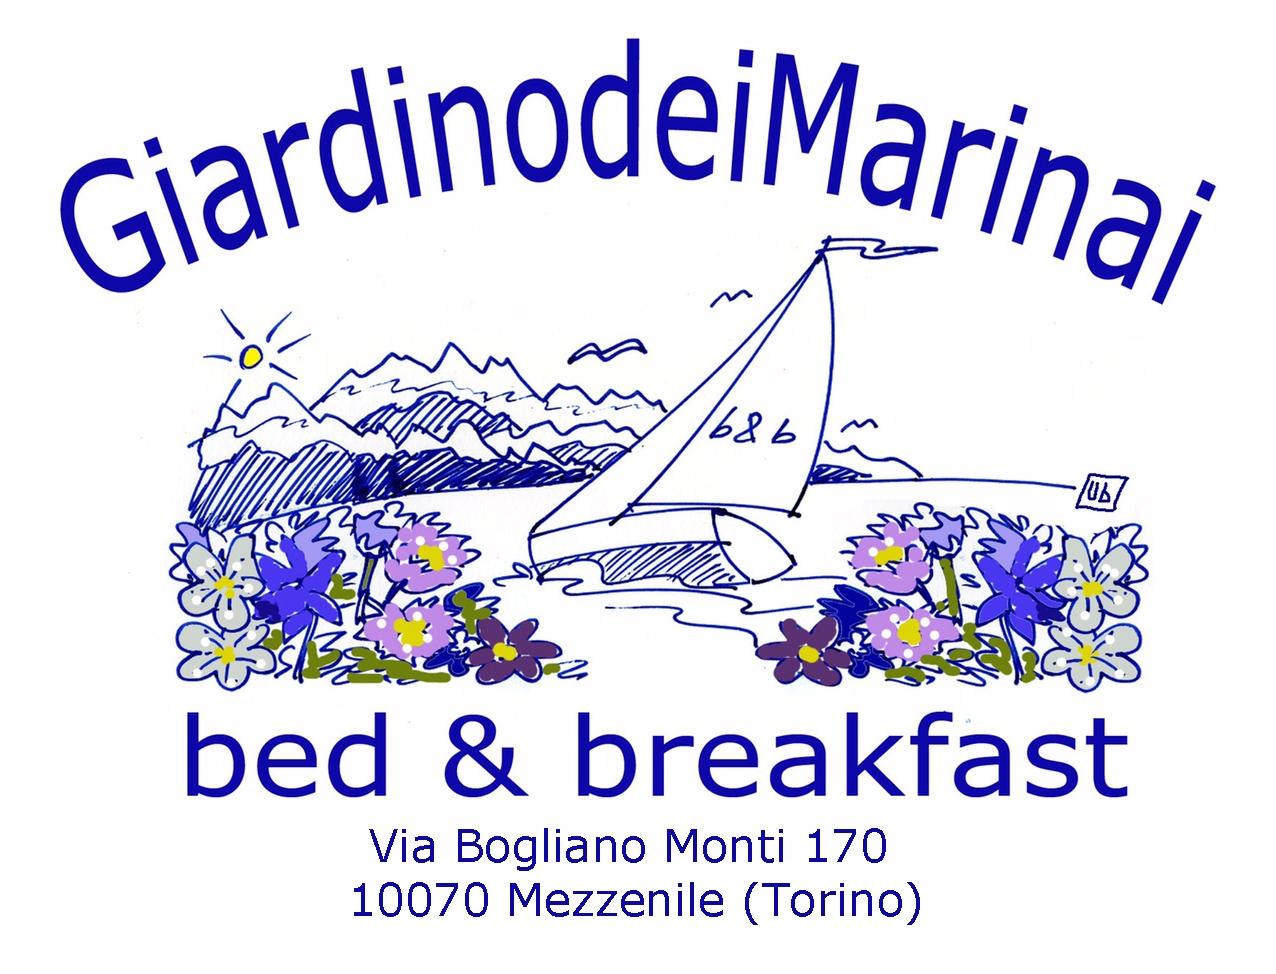 logo-giardino-dei-marinai